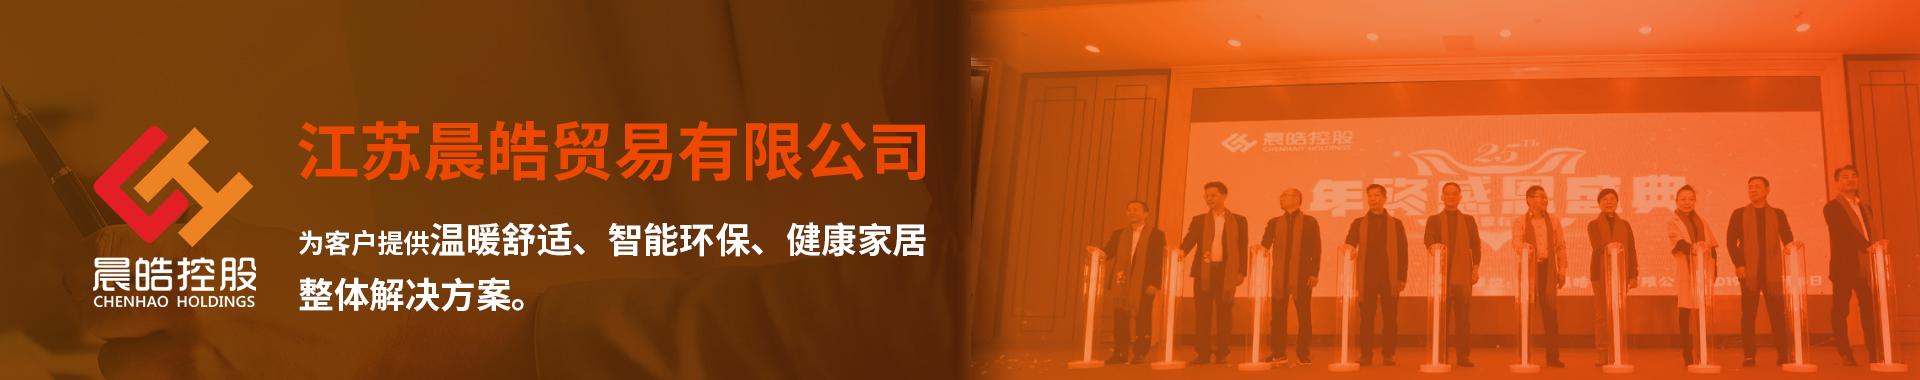 晨皓控股 江苏晨皓贸易有限公司